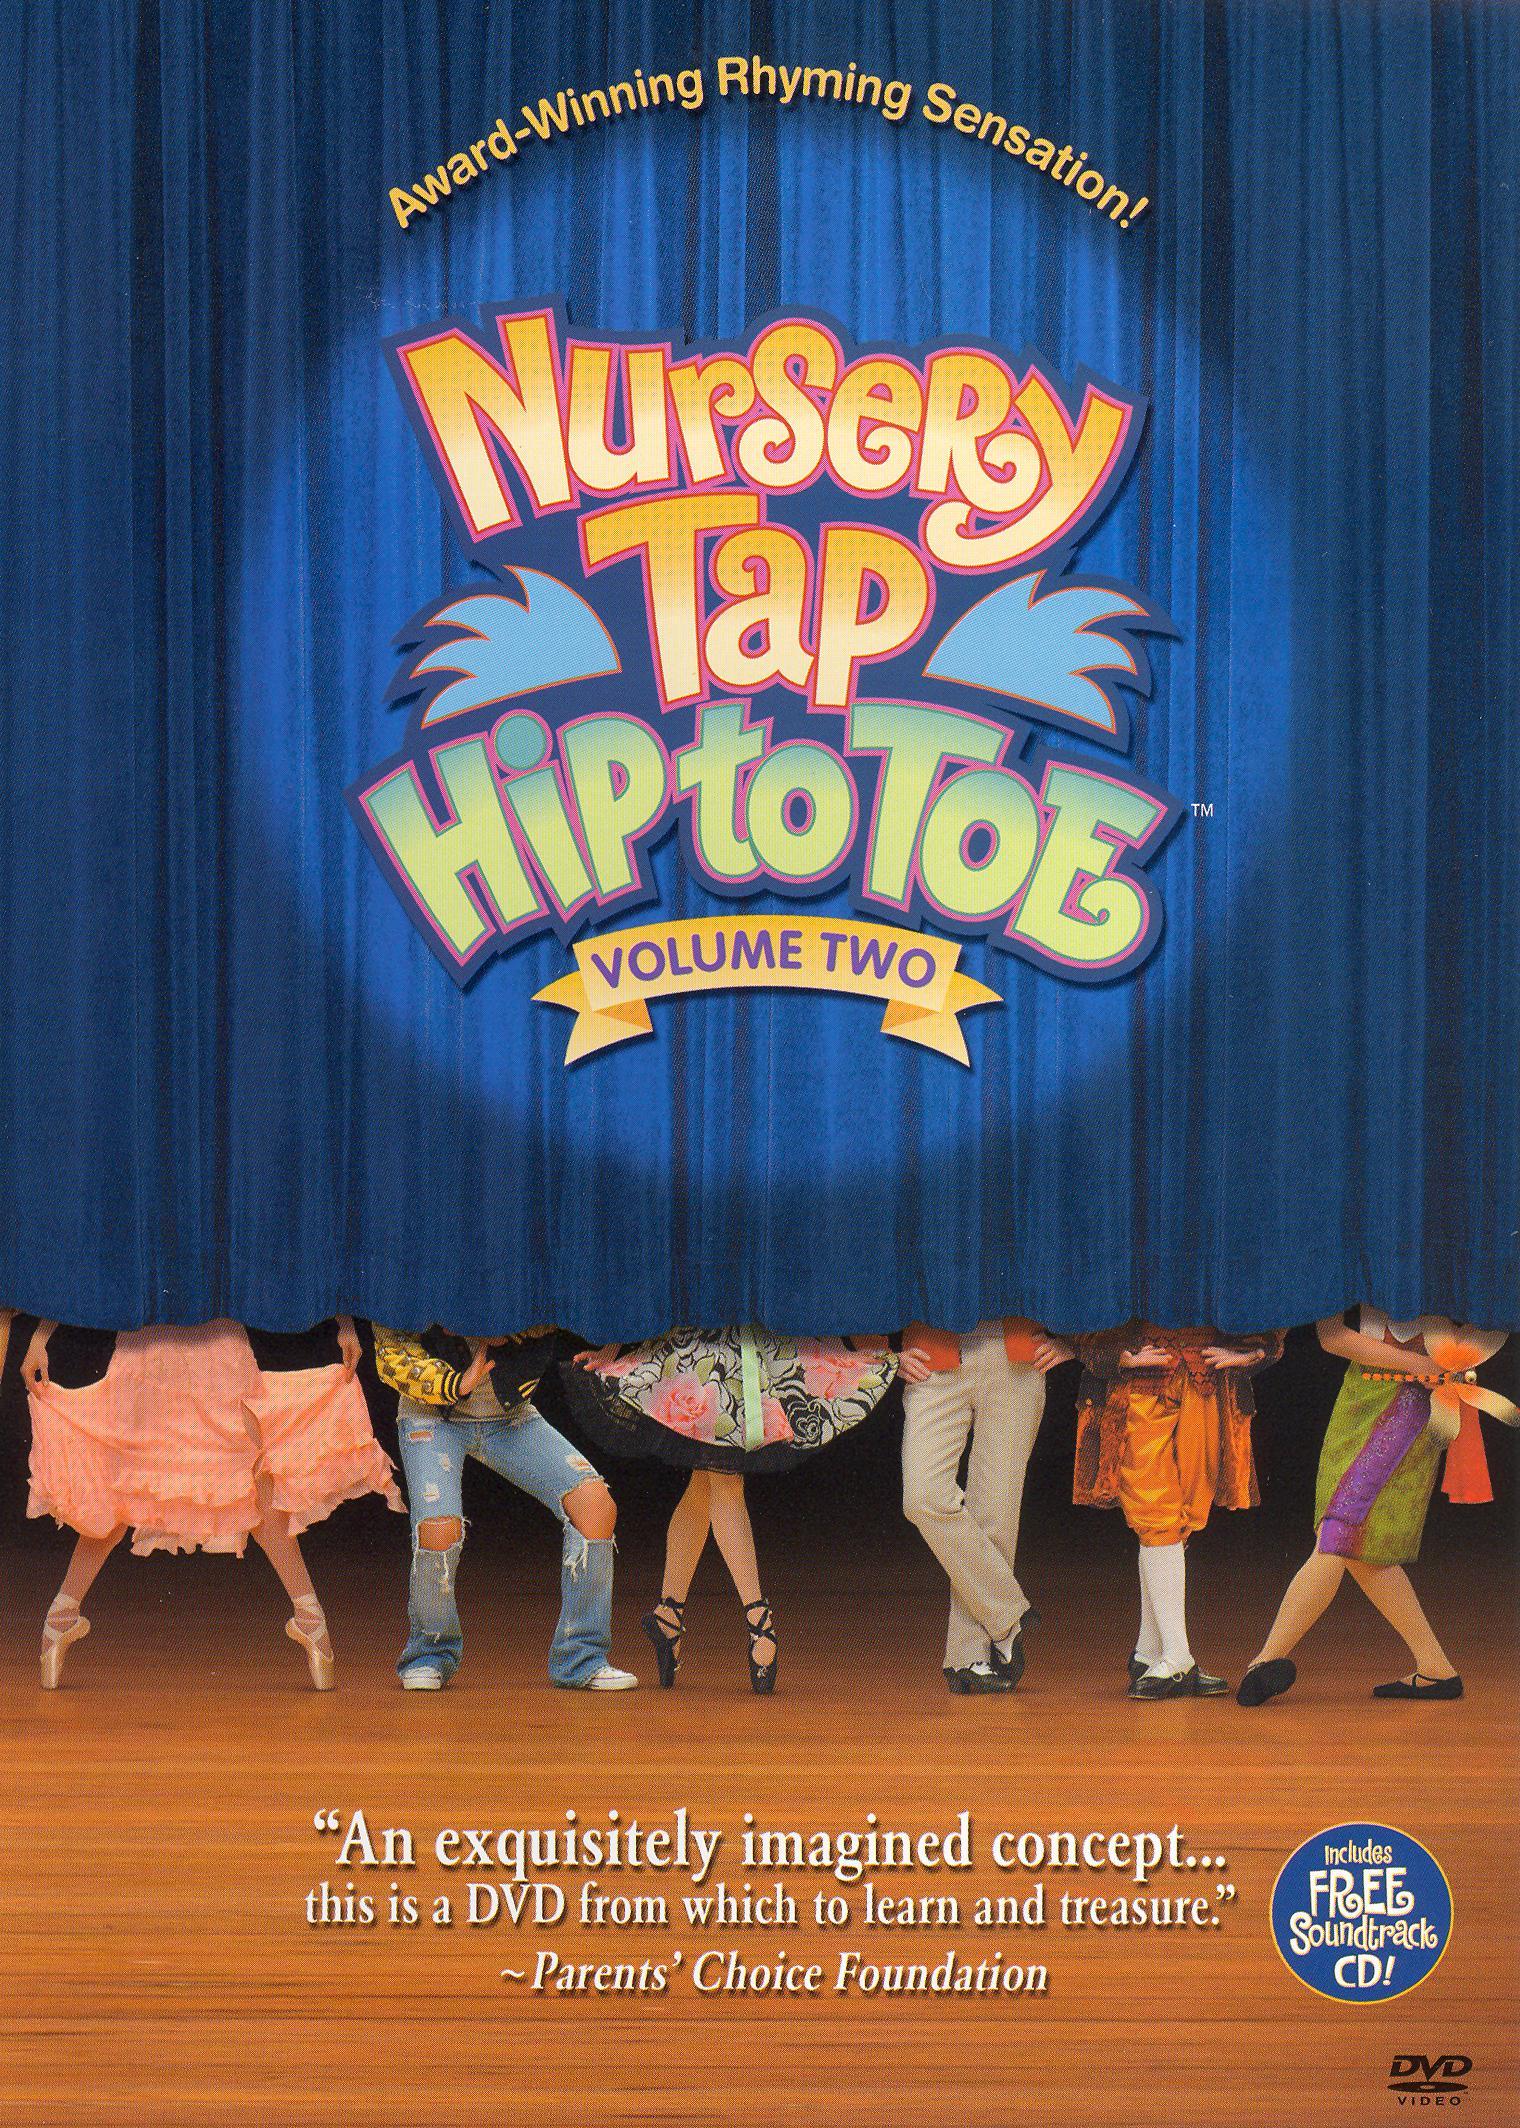 Nursery Tap: Hip to Toe, Vol. 2